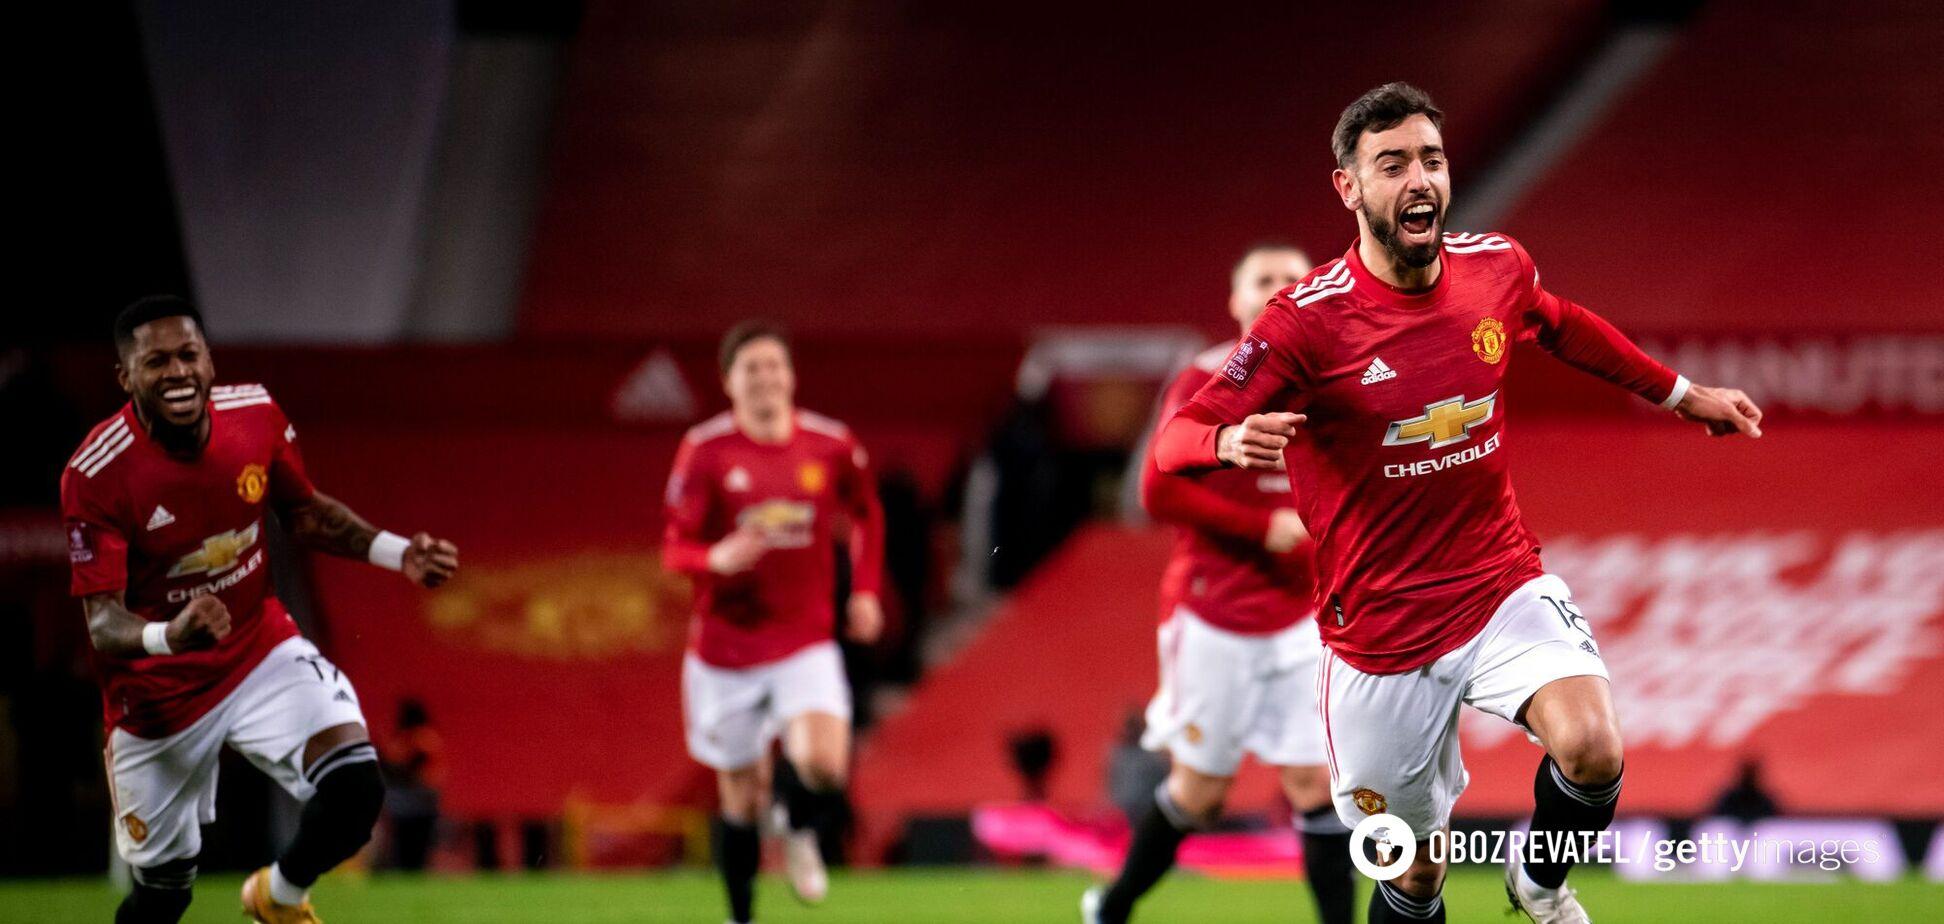 Бруну Фернандеш празднует третий гол в матче с 'Ливерпулем'